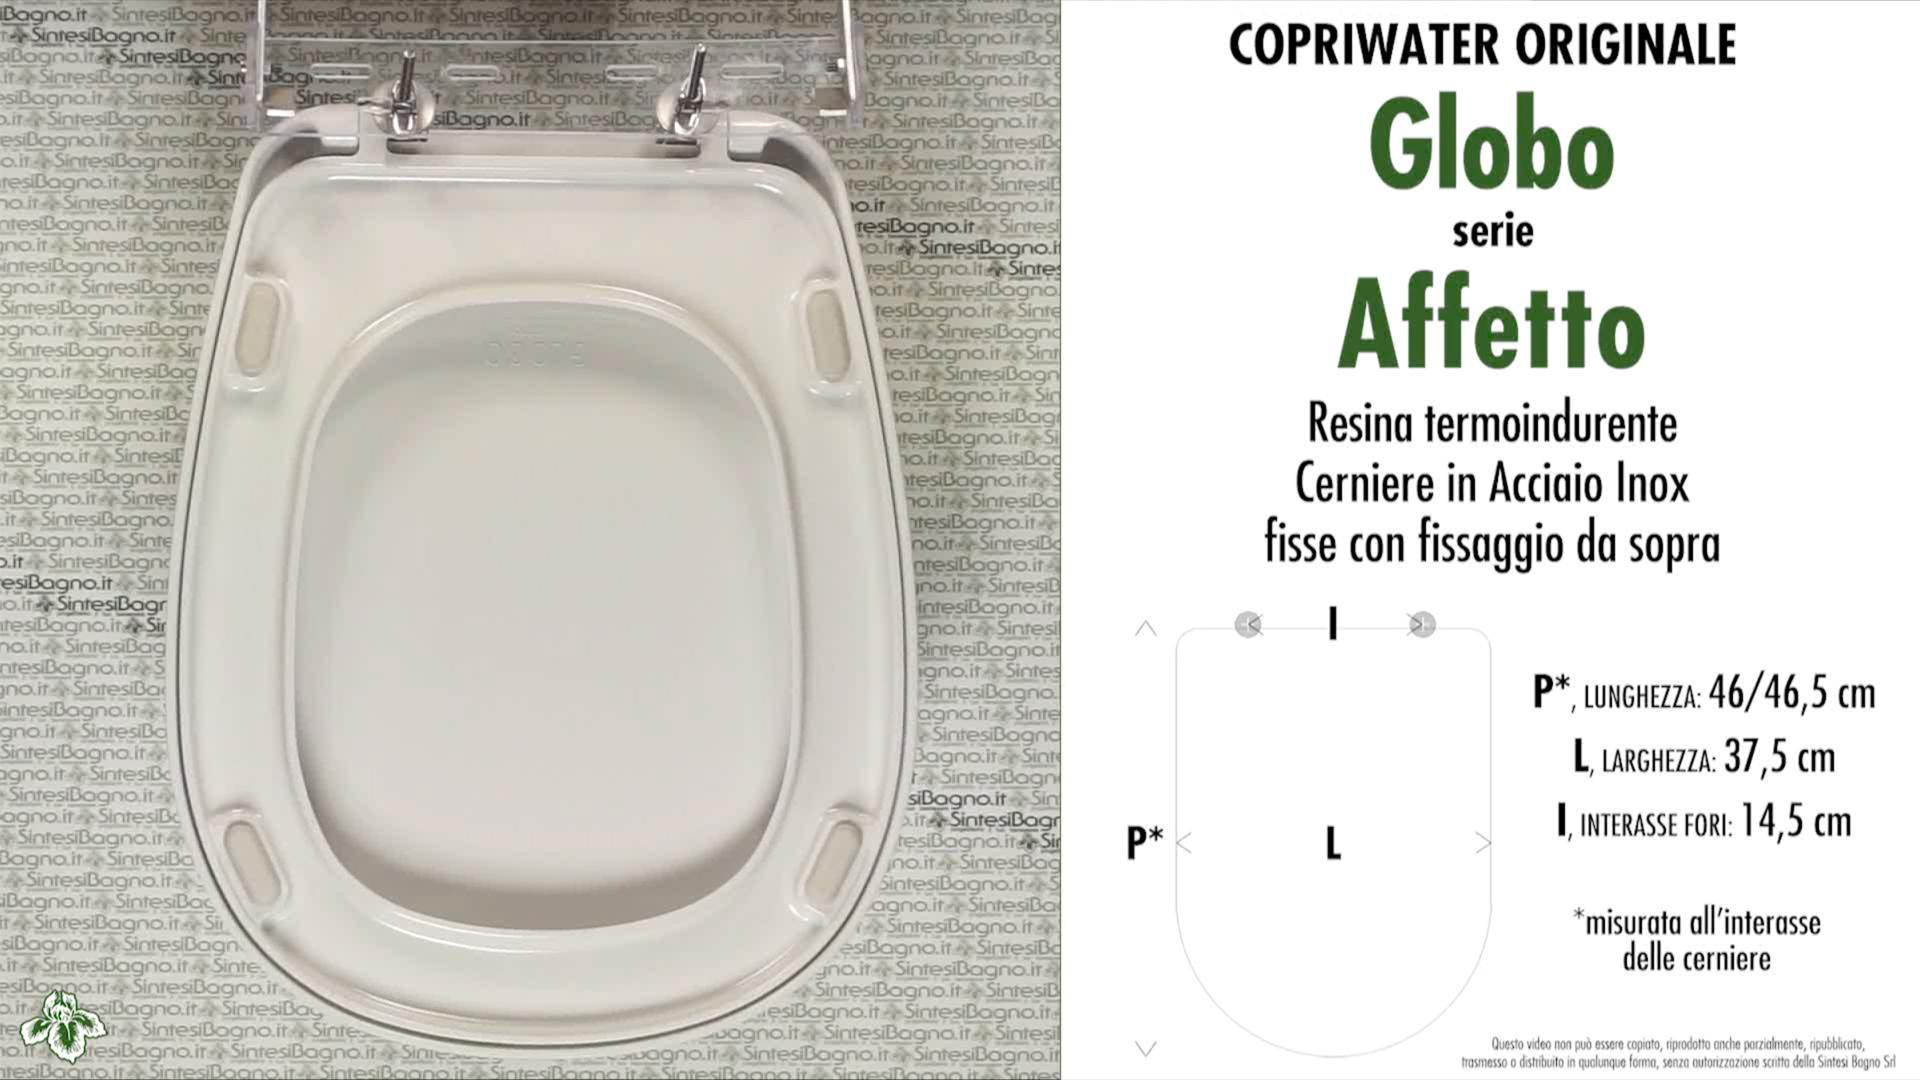 SCHEDA TECNICA MISURE copriwater GLOBO AFFETTO